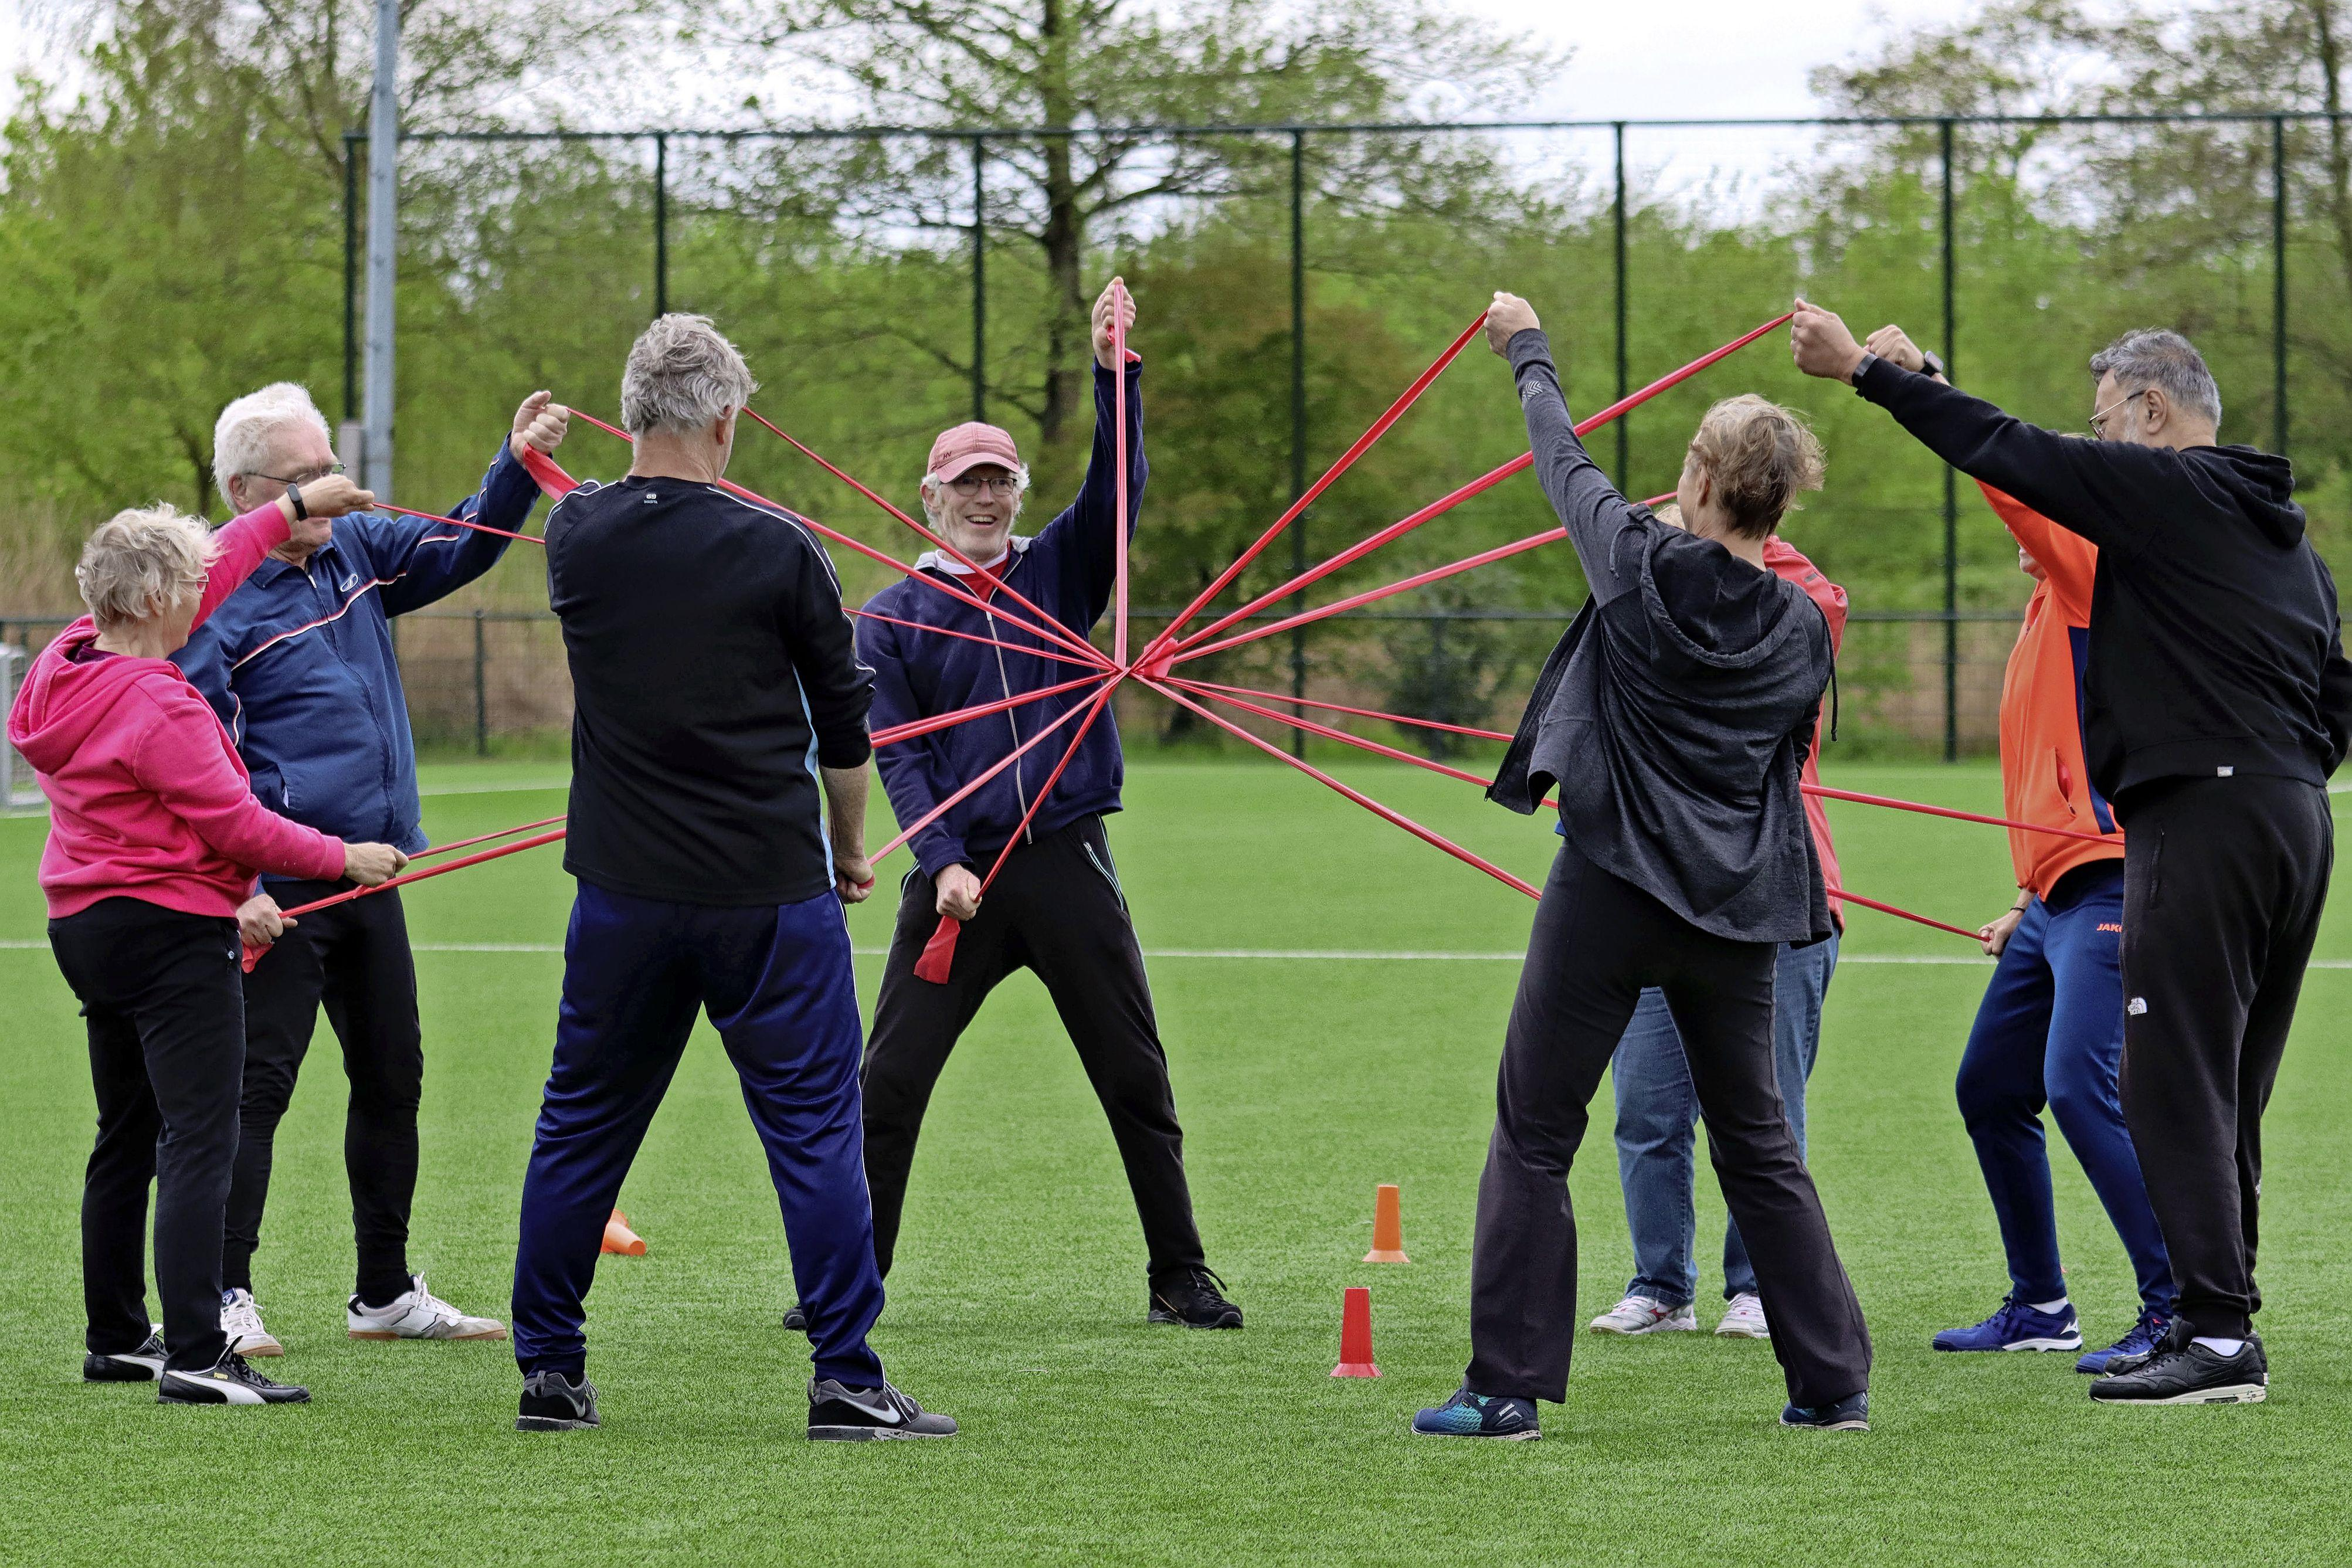 Beweegprogramma Spurd GoldenSports voor ouderen nu ook in Middenbeemster